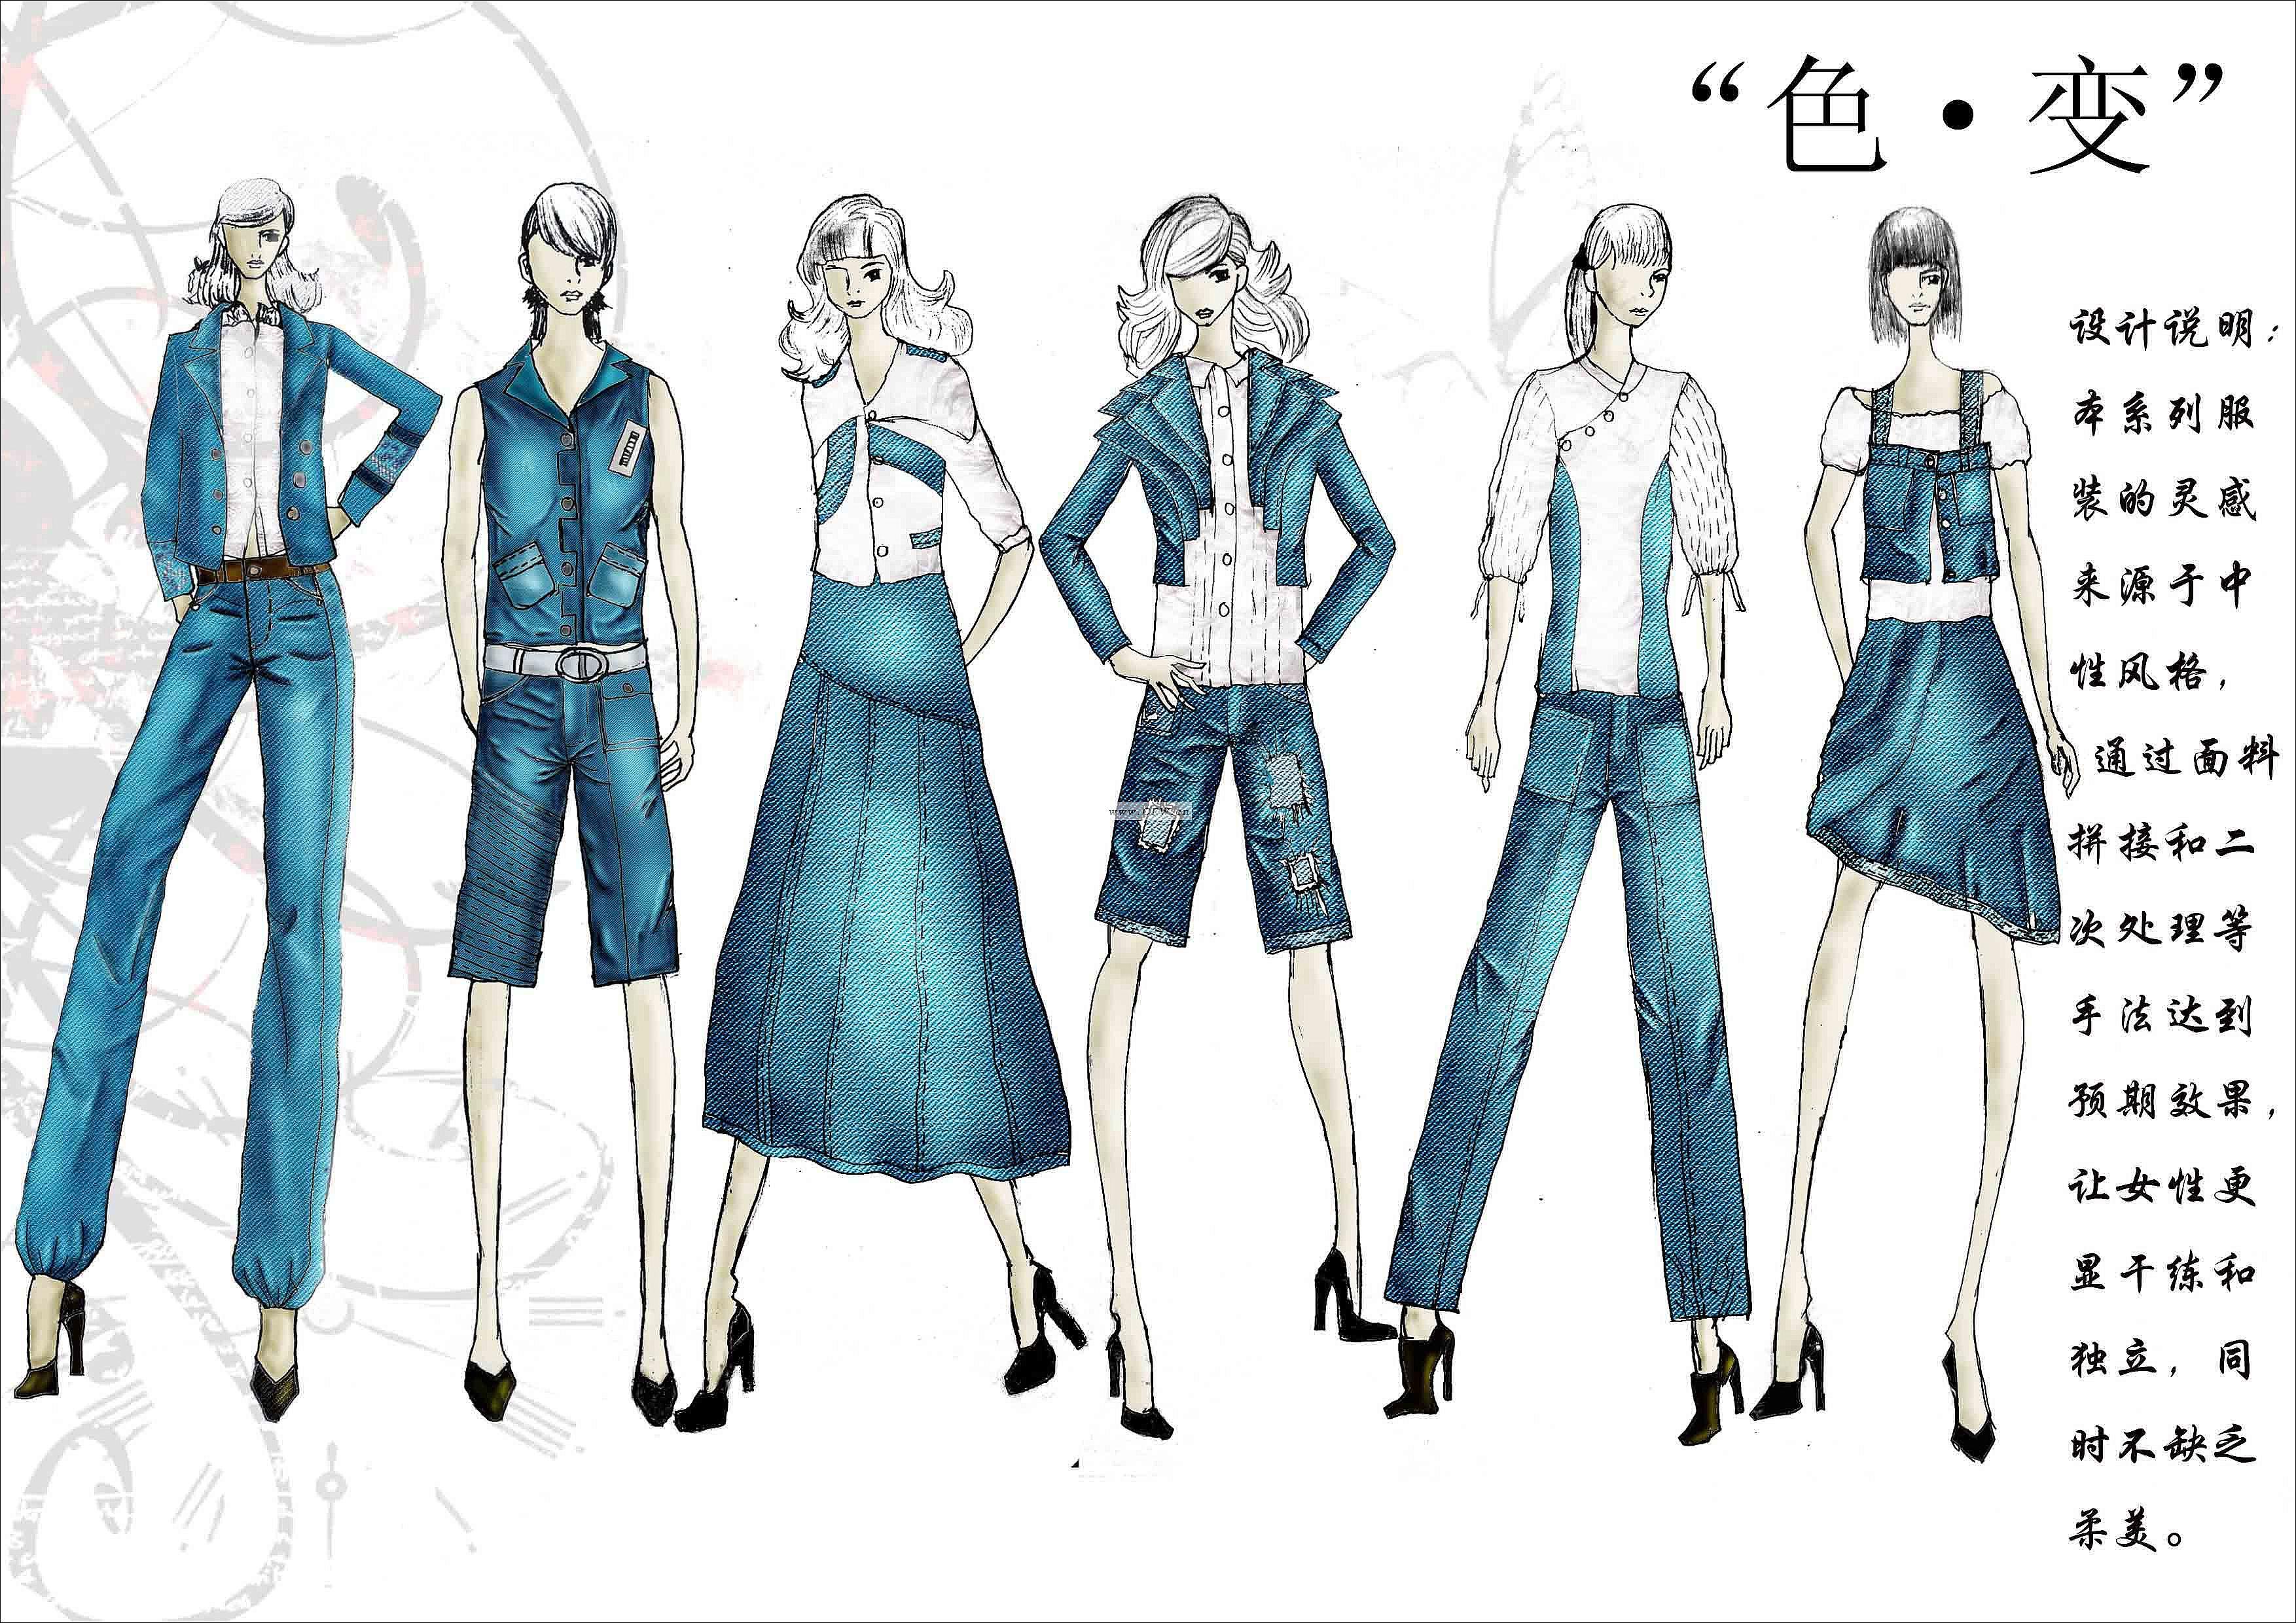 系列效果图 女装设计 服装设计